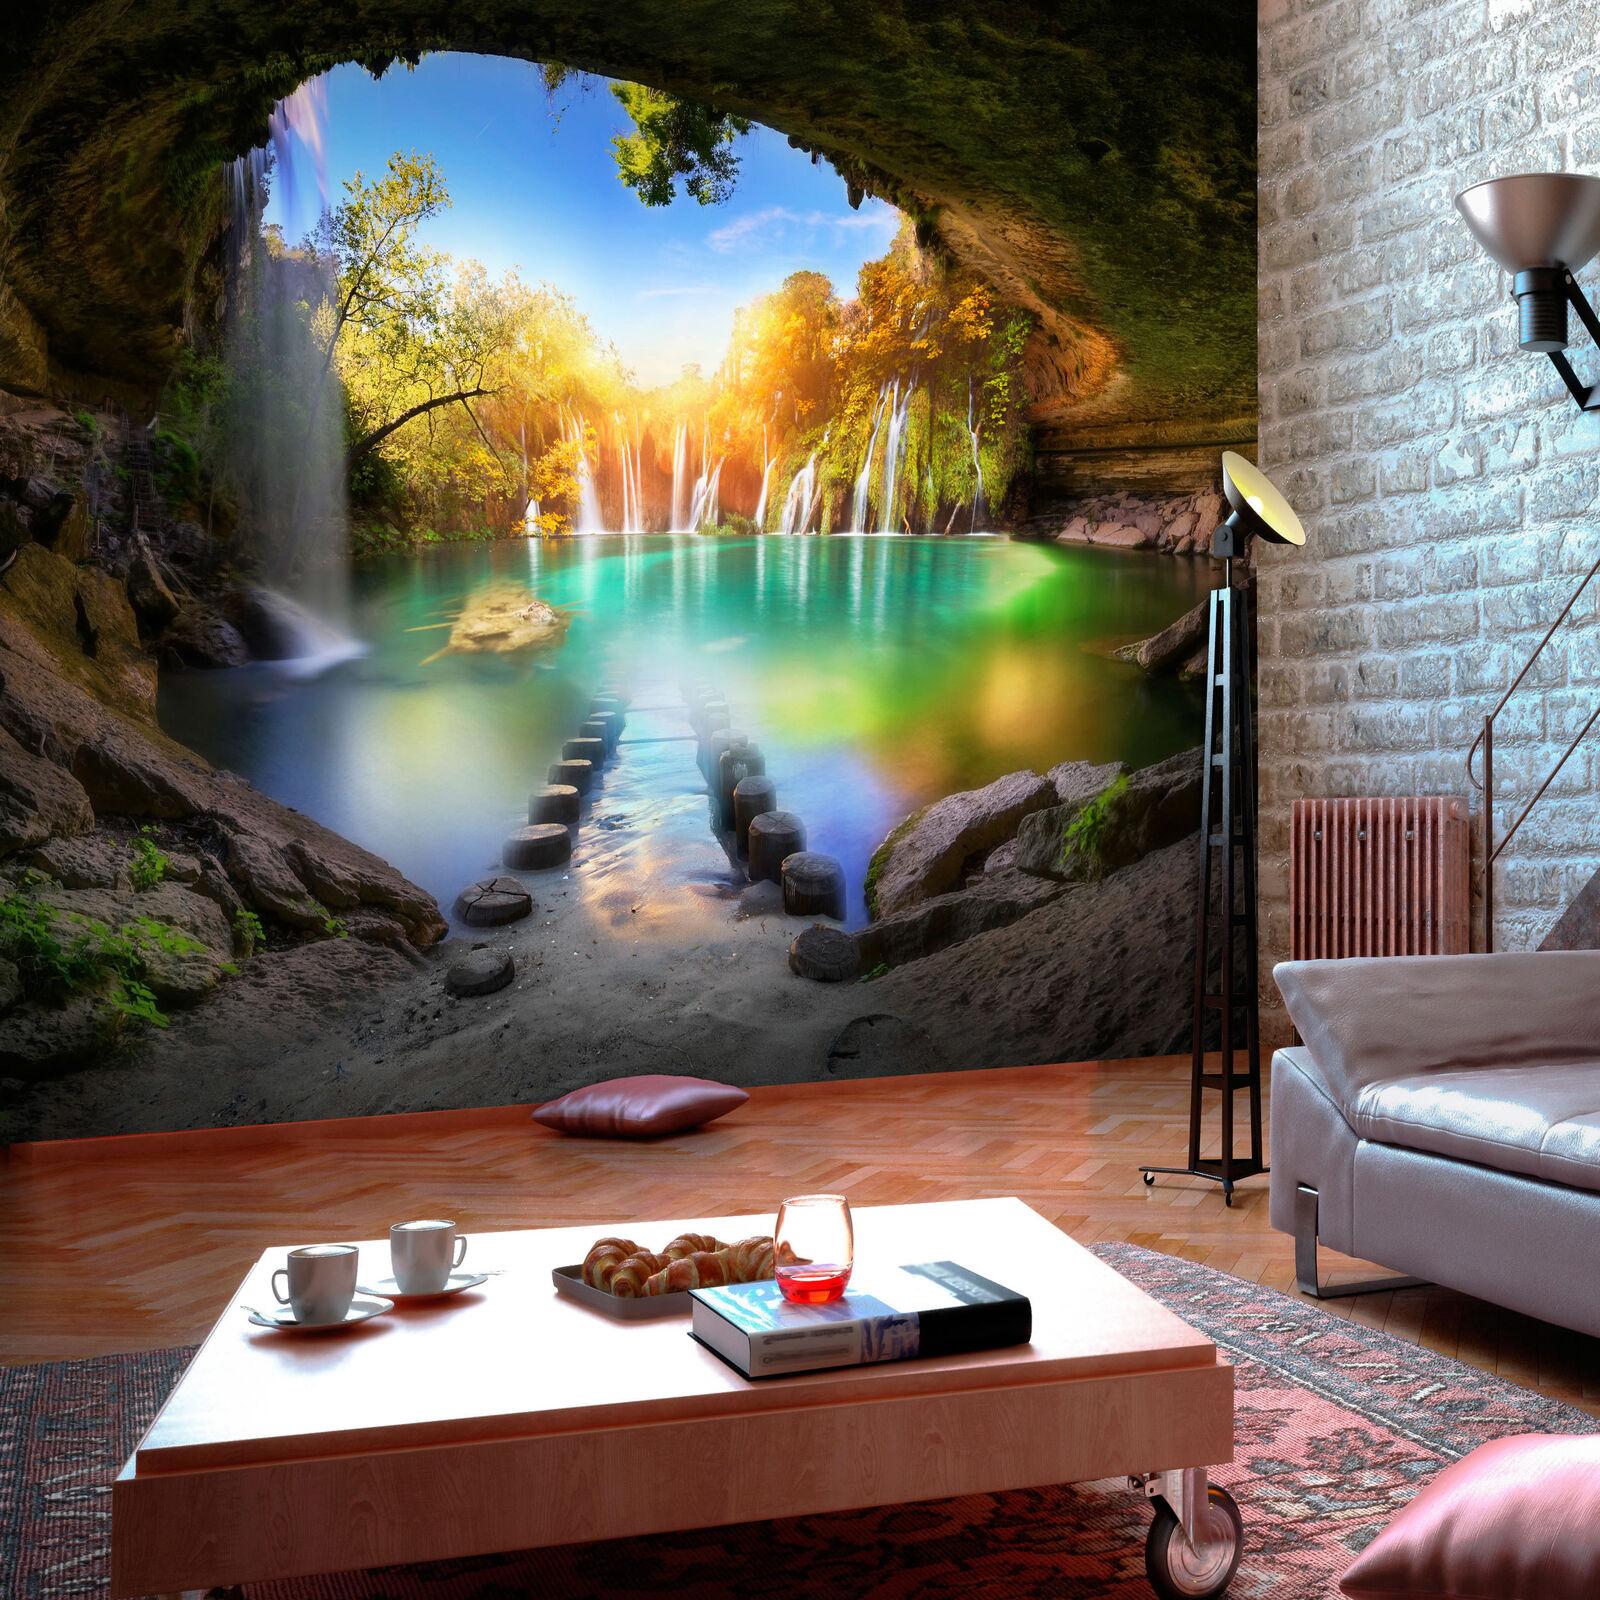 Vlies Fototapete Wasserfall Landschaft Wohnzimmer Tapete